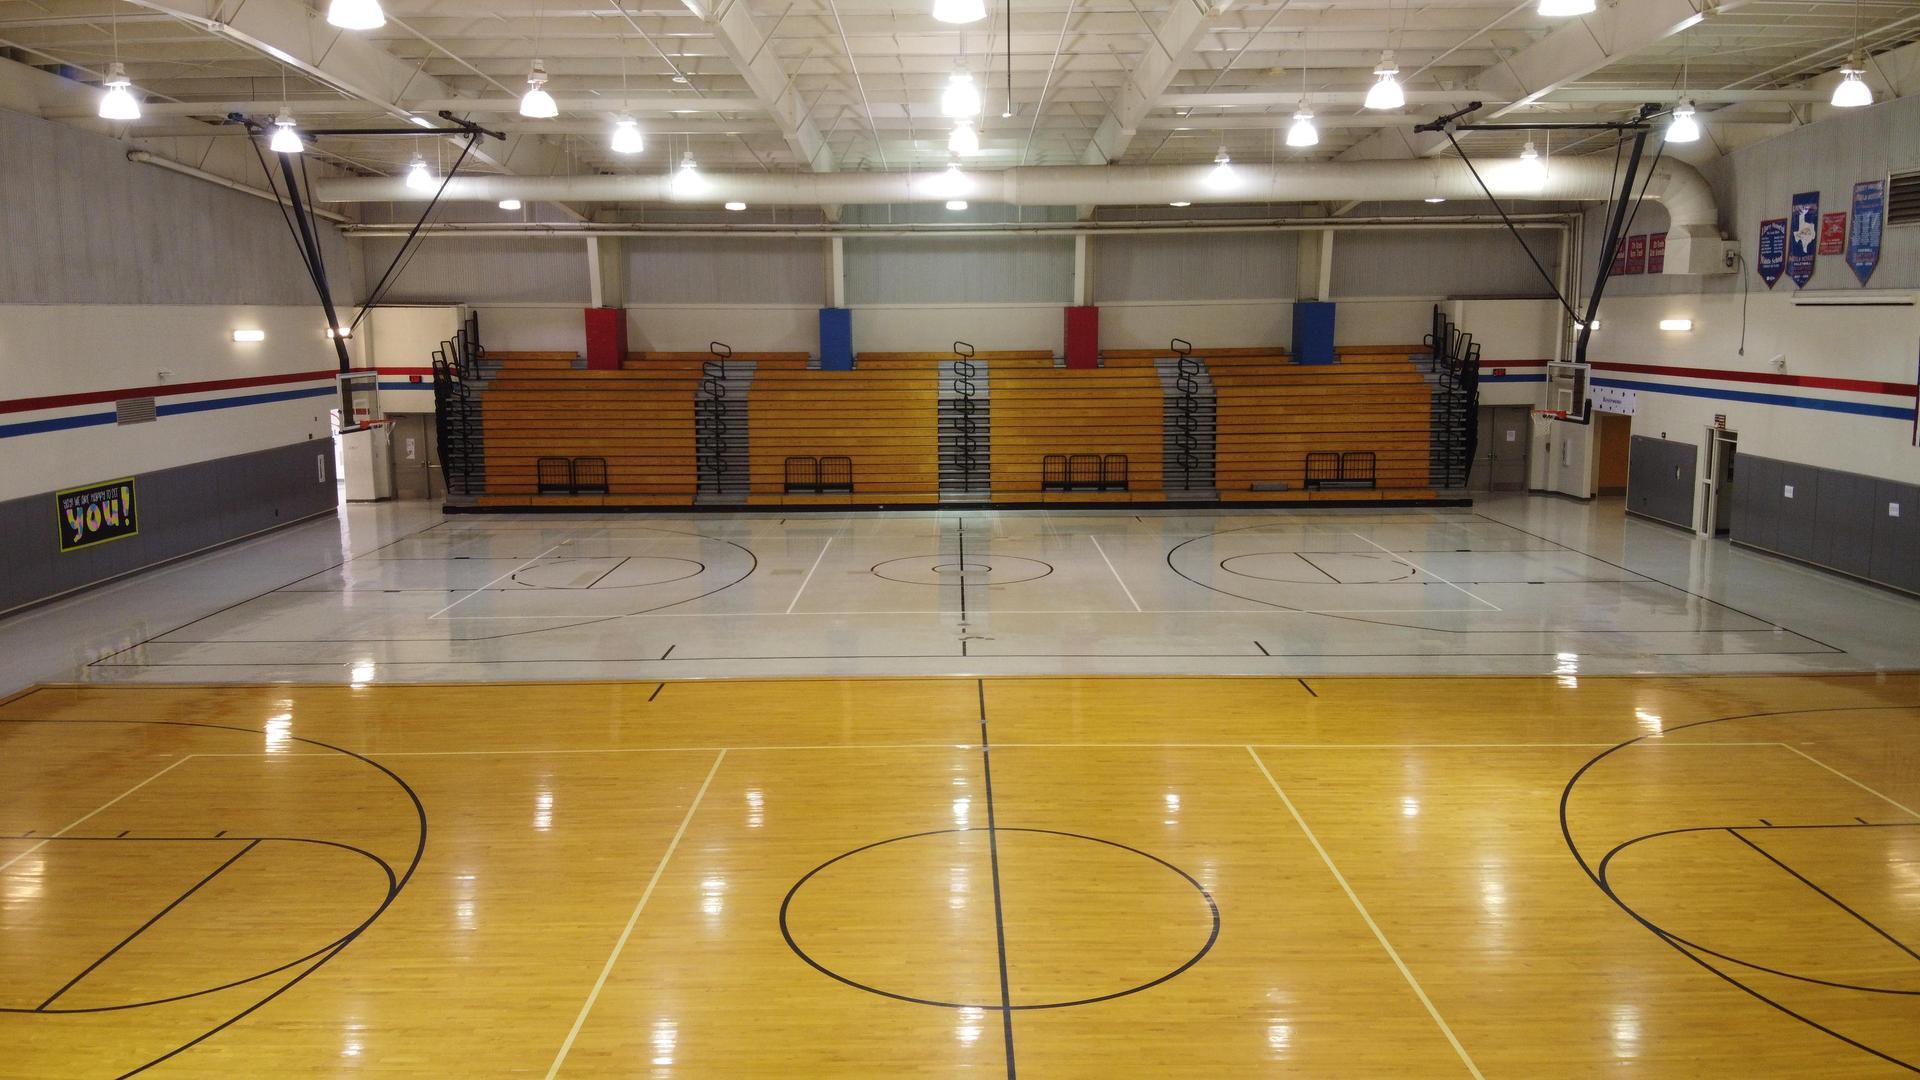 LMMS gym